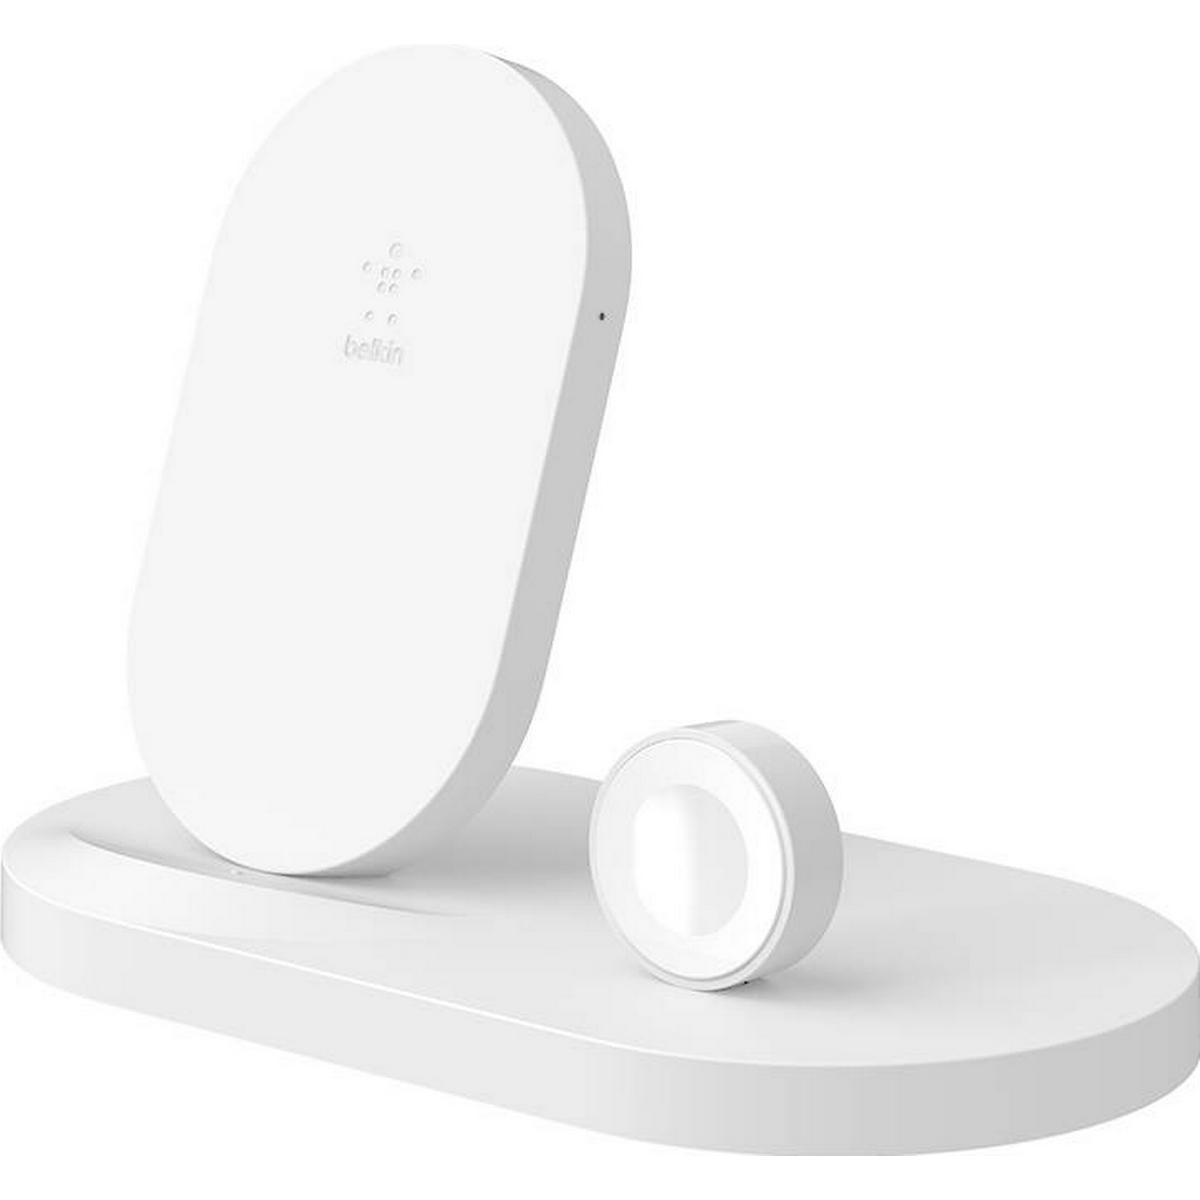 trådlös laddare, qi snabb 3 i 1 trådlös laddningsstation för Apple Watch iPhone, trådlös laddare stativ för airpods iphone x xr, trådlös laddning